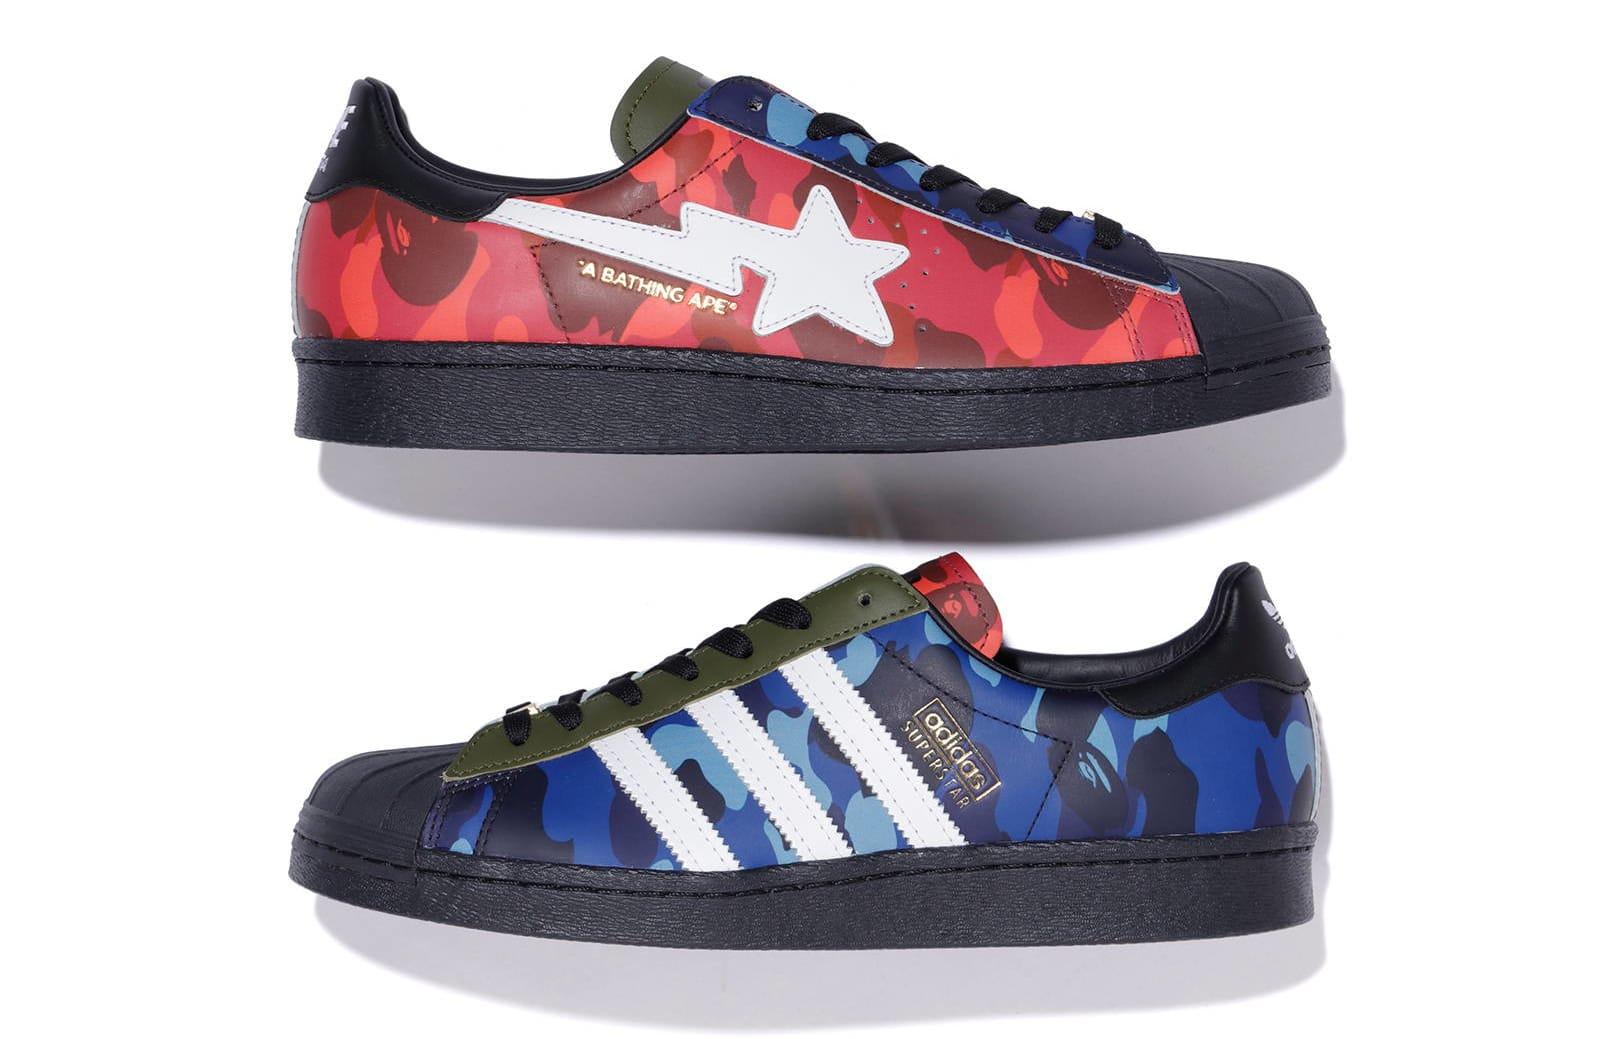 Bape x Adidas Originals Superstar 'Color Camo' Lateral